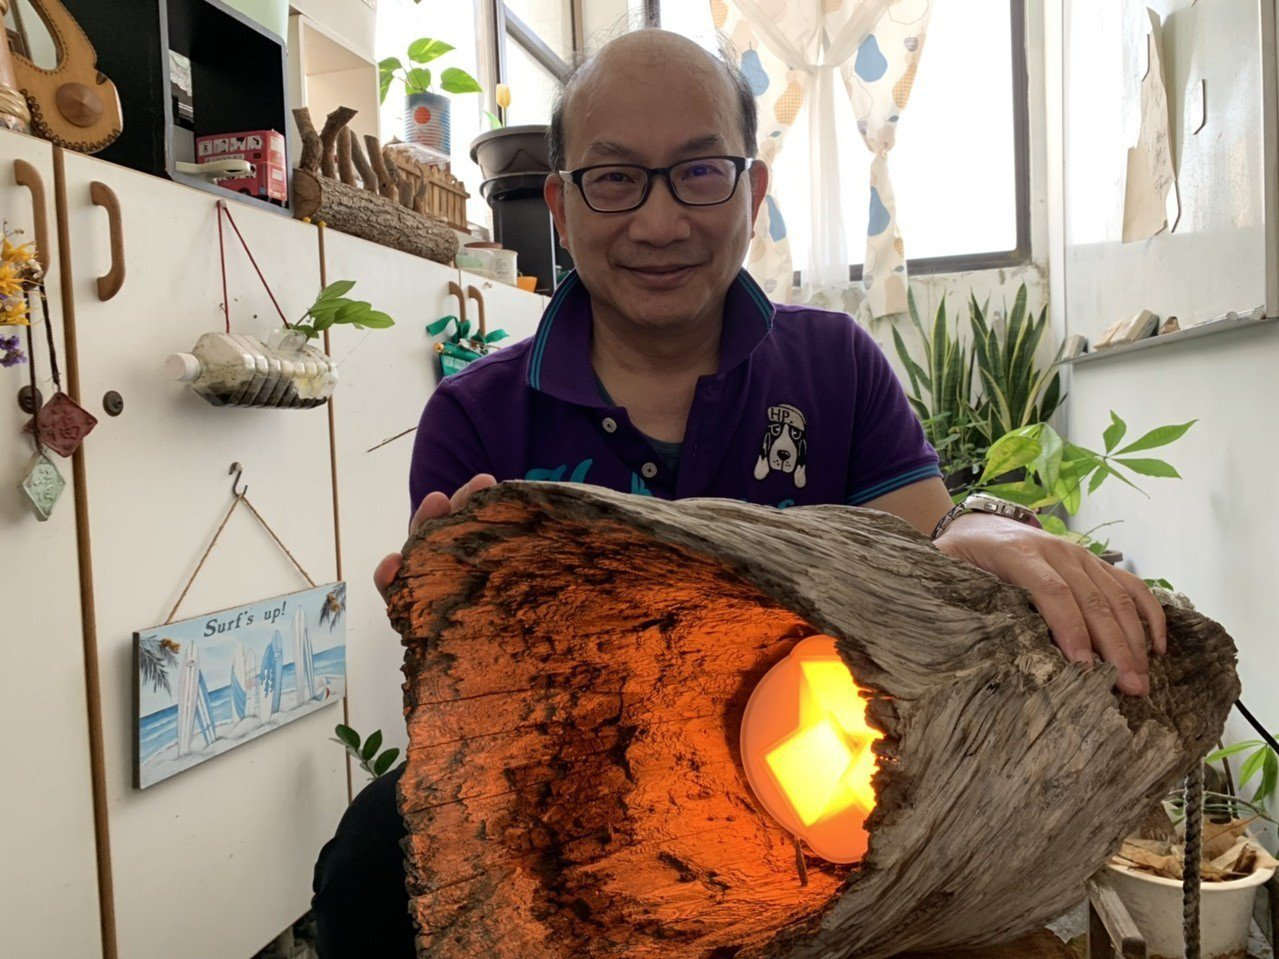 清華大學材料系教授周卓煇領軍的OLED照明研究團隊,成功研發無藍害類燭光OLED...